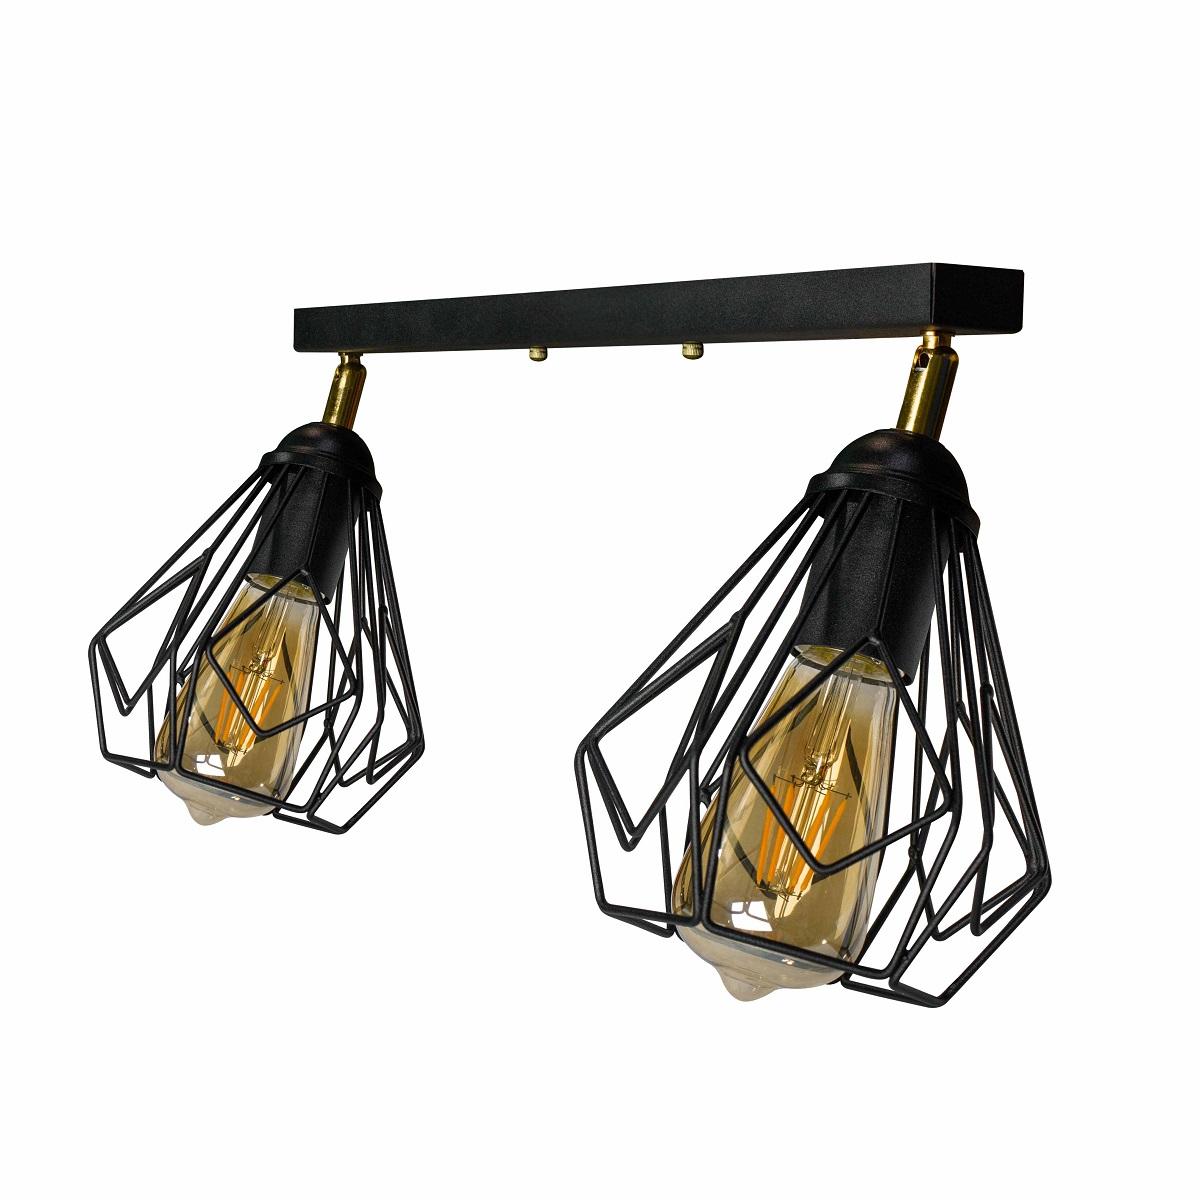 Светильники ЛОФТ - Люстра лофт потолочная с поворотным плафоном 000002782 - Фото 3